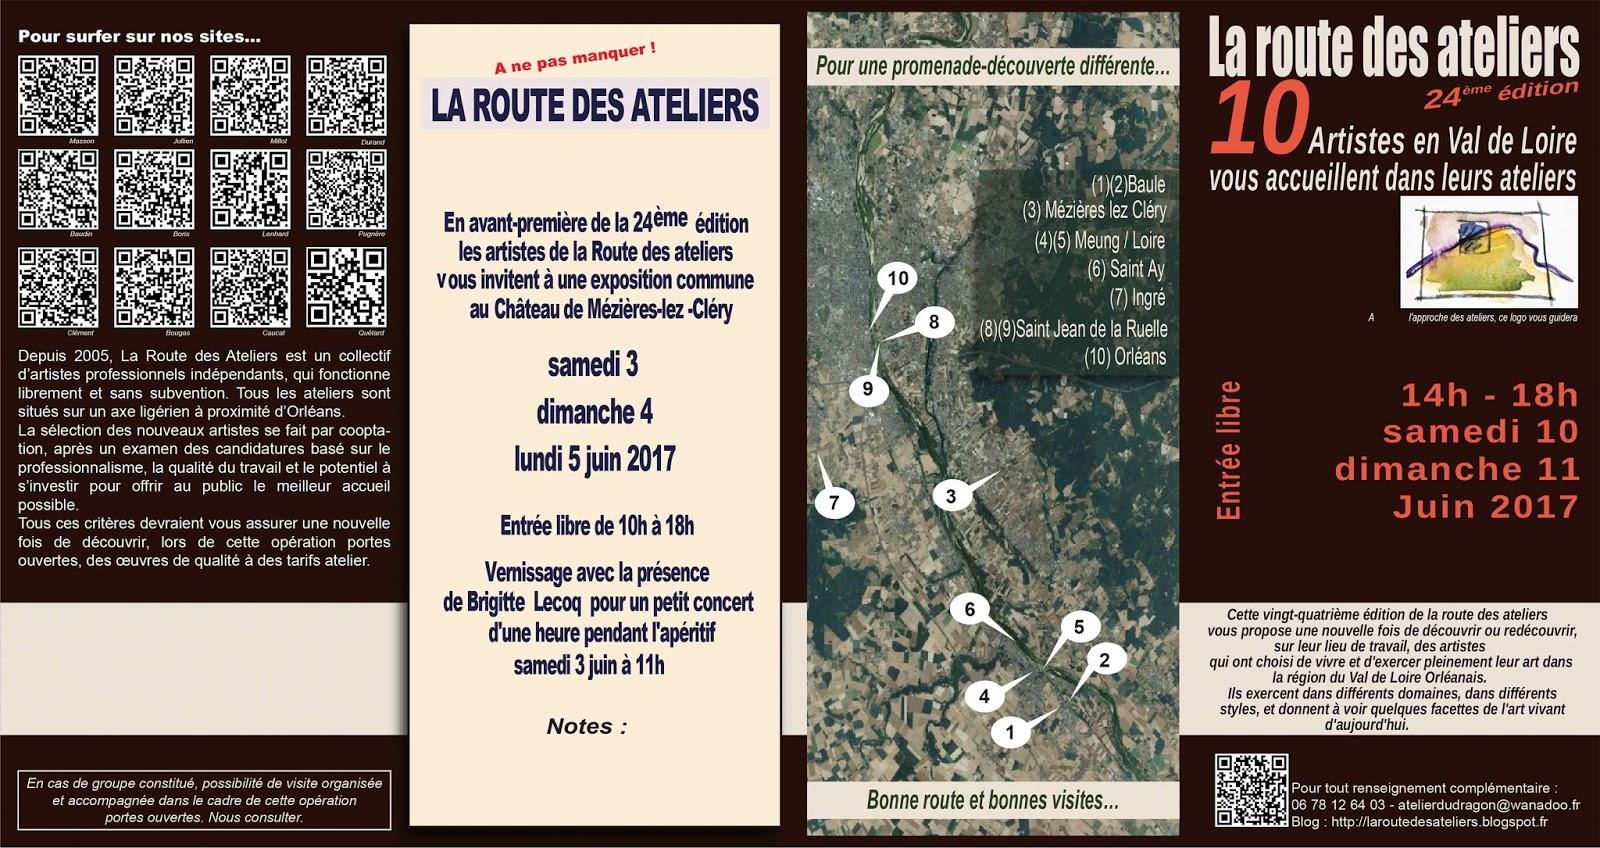 Rencontre sexe Loiret (45) trouves ton plan cul sur Gare aux Coquines